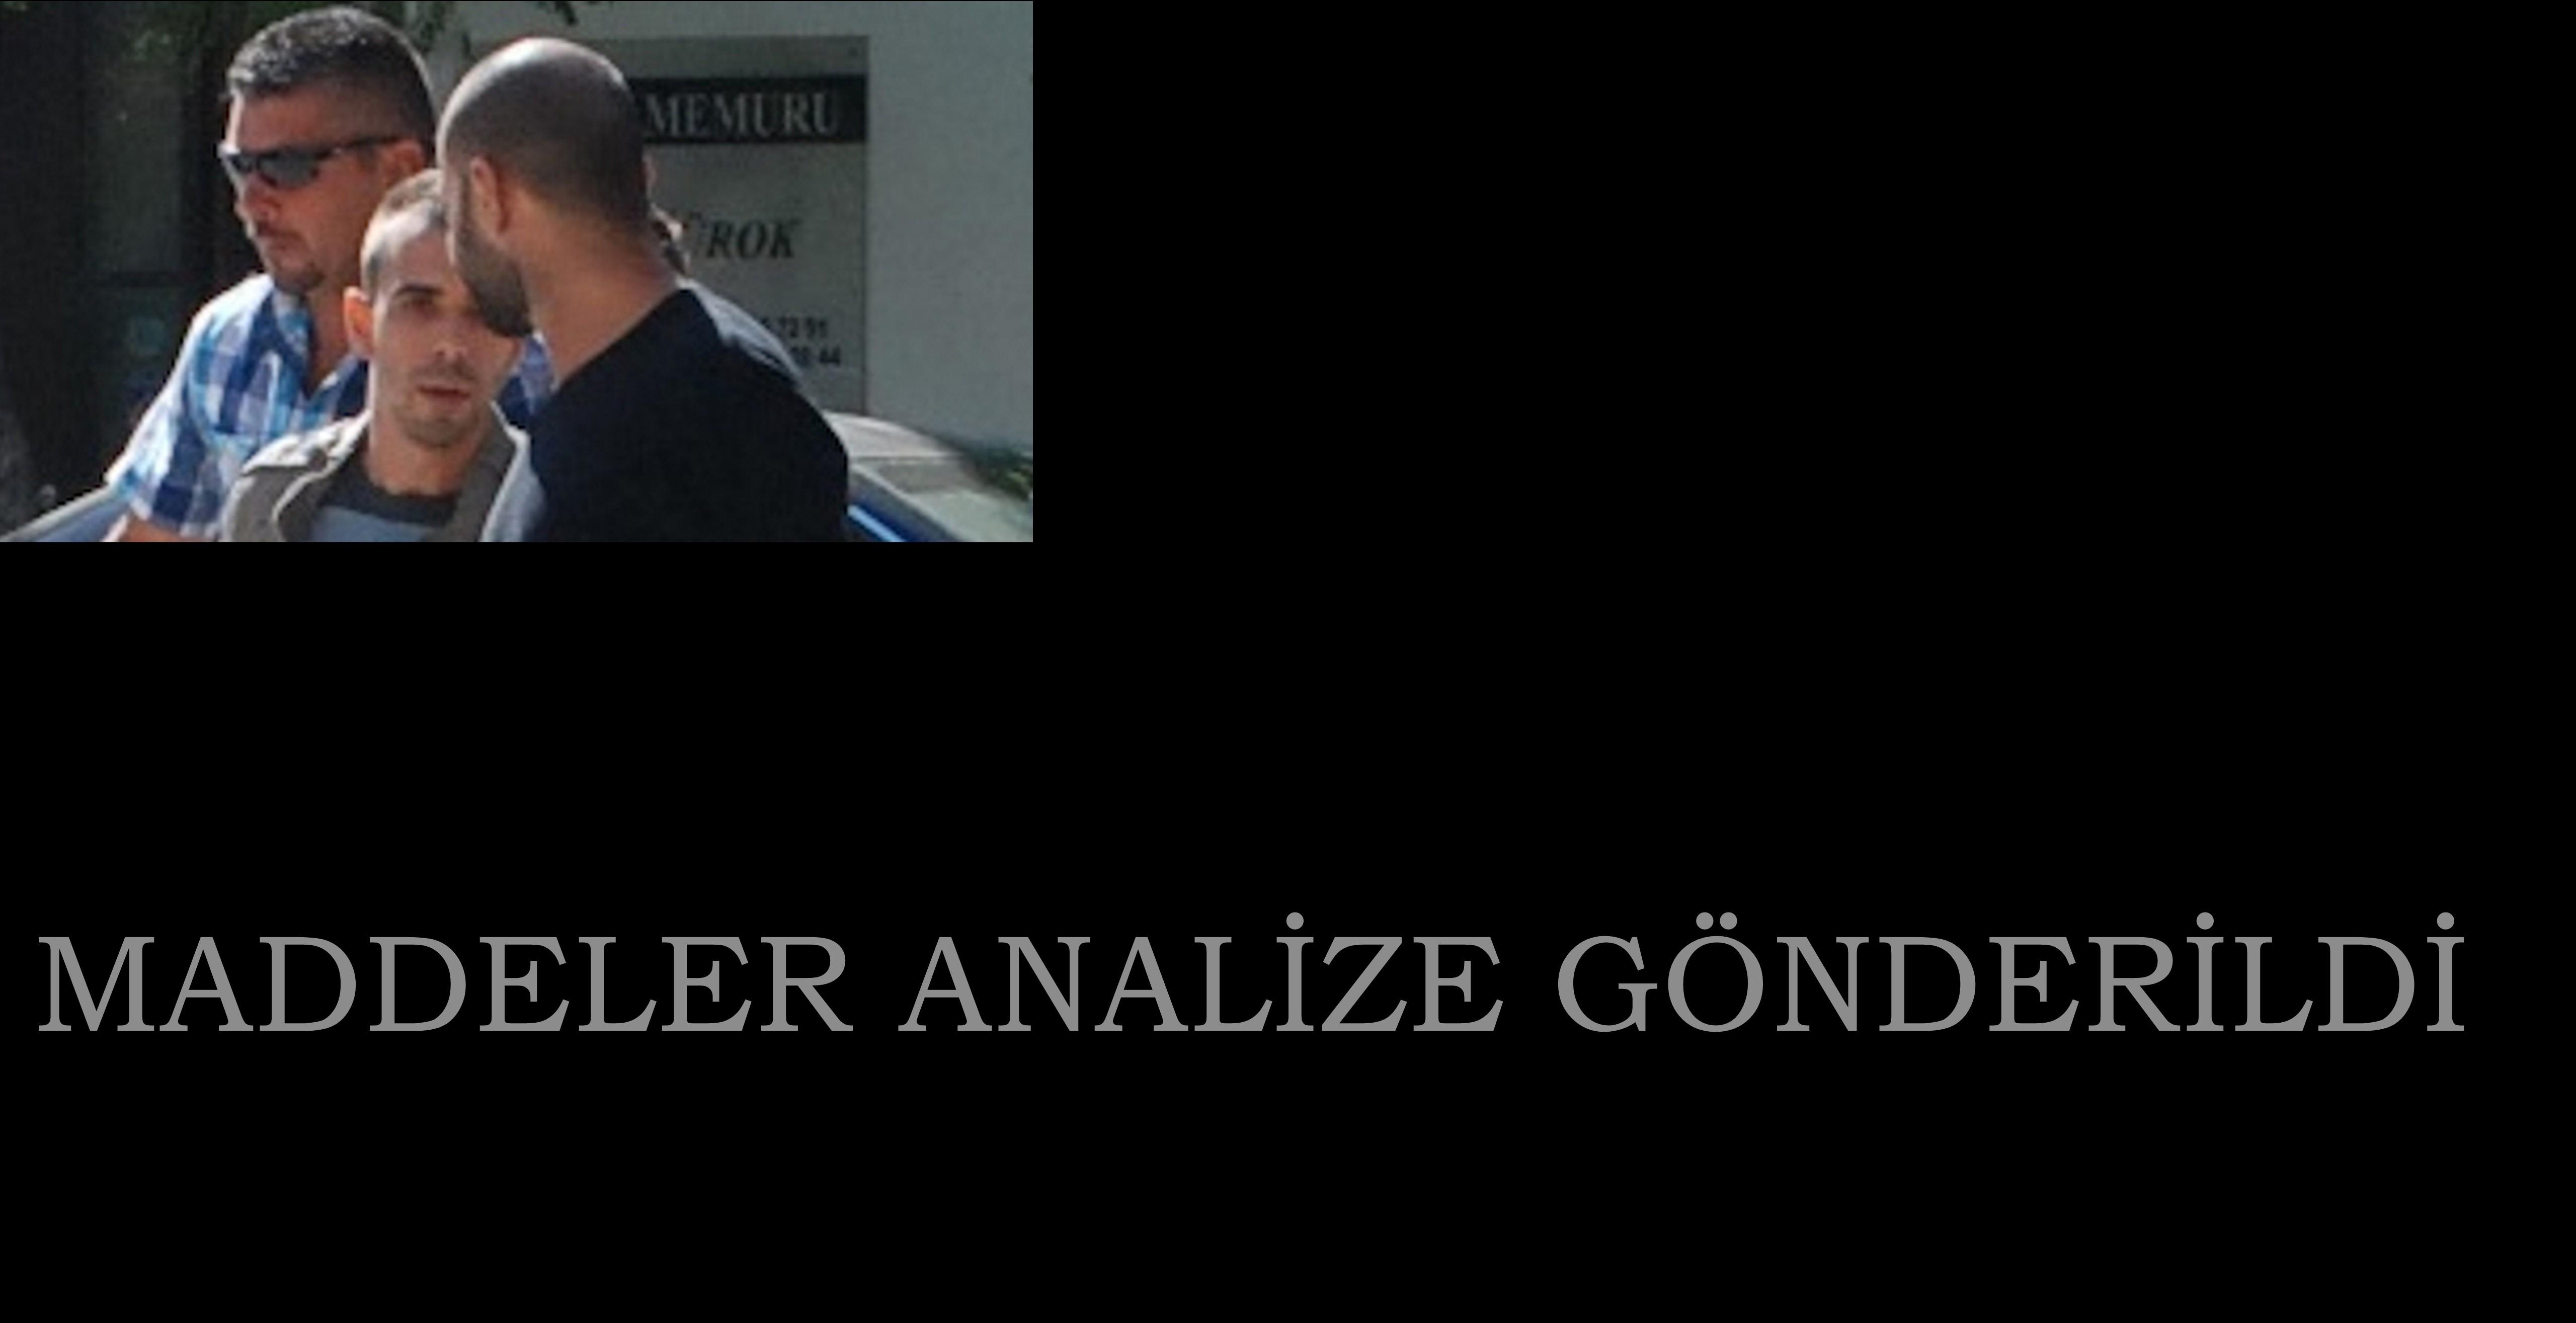 MADDELER ANALİZE GÖNDERİLDİ